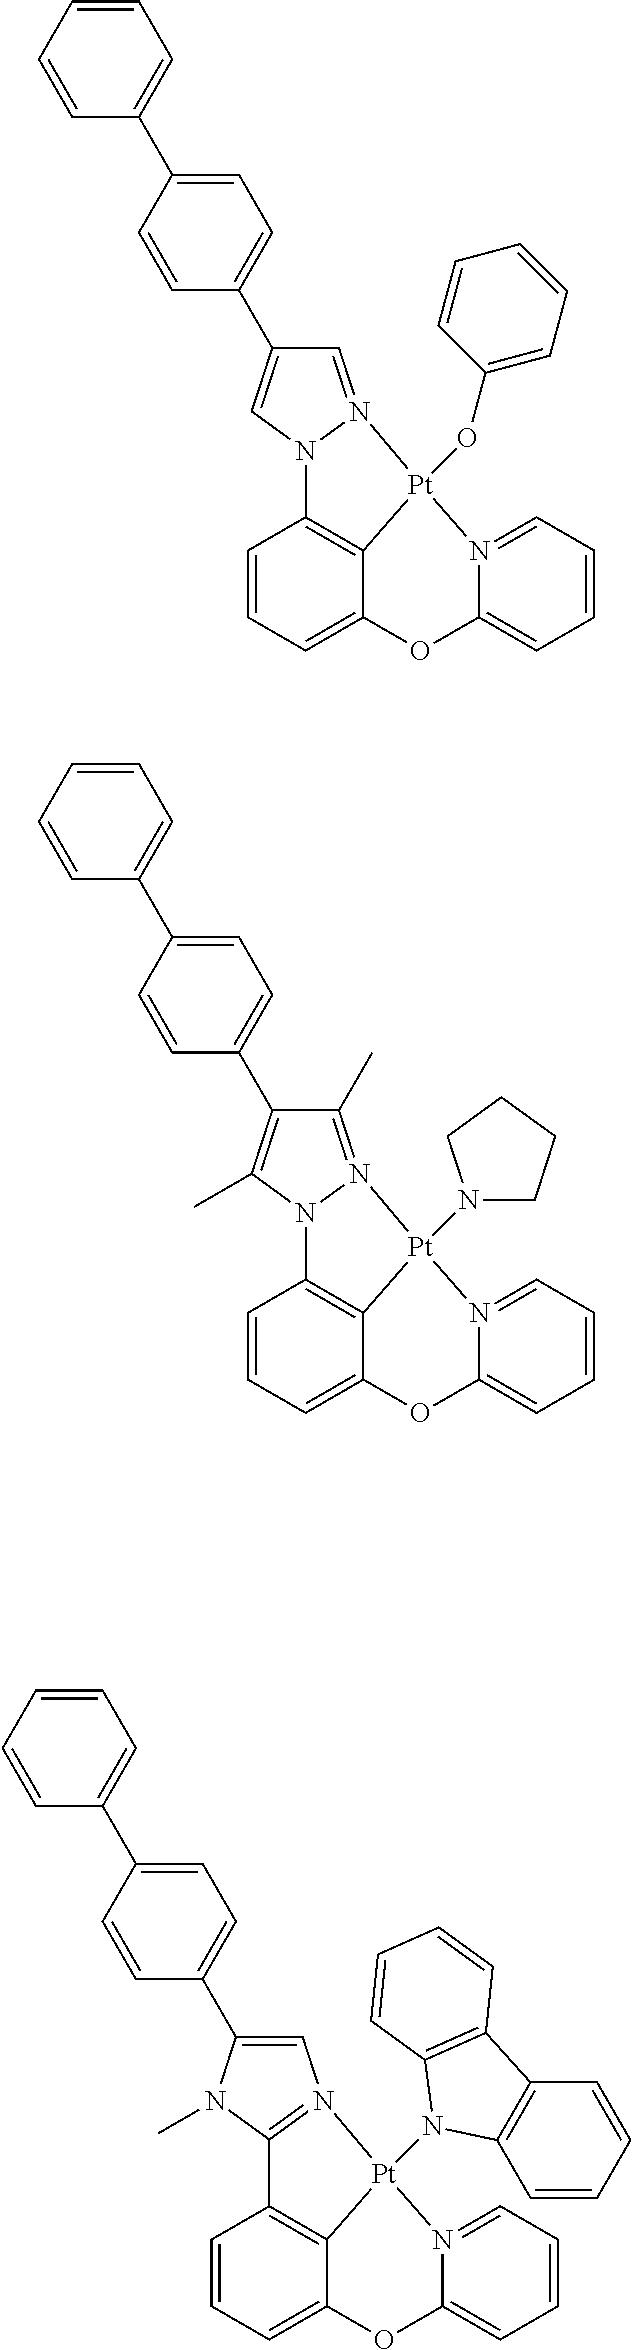 Figure US09818959-20171114-C00520